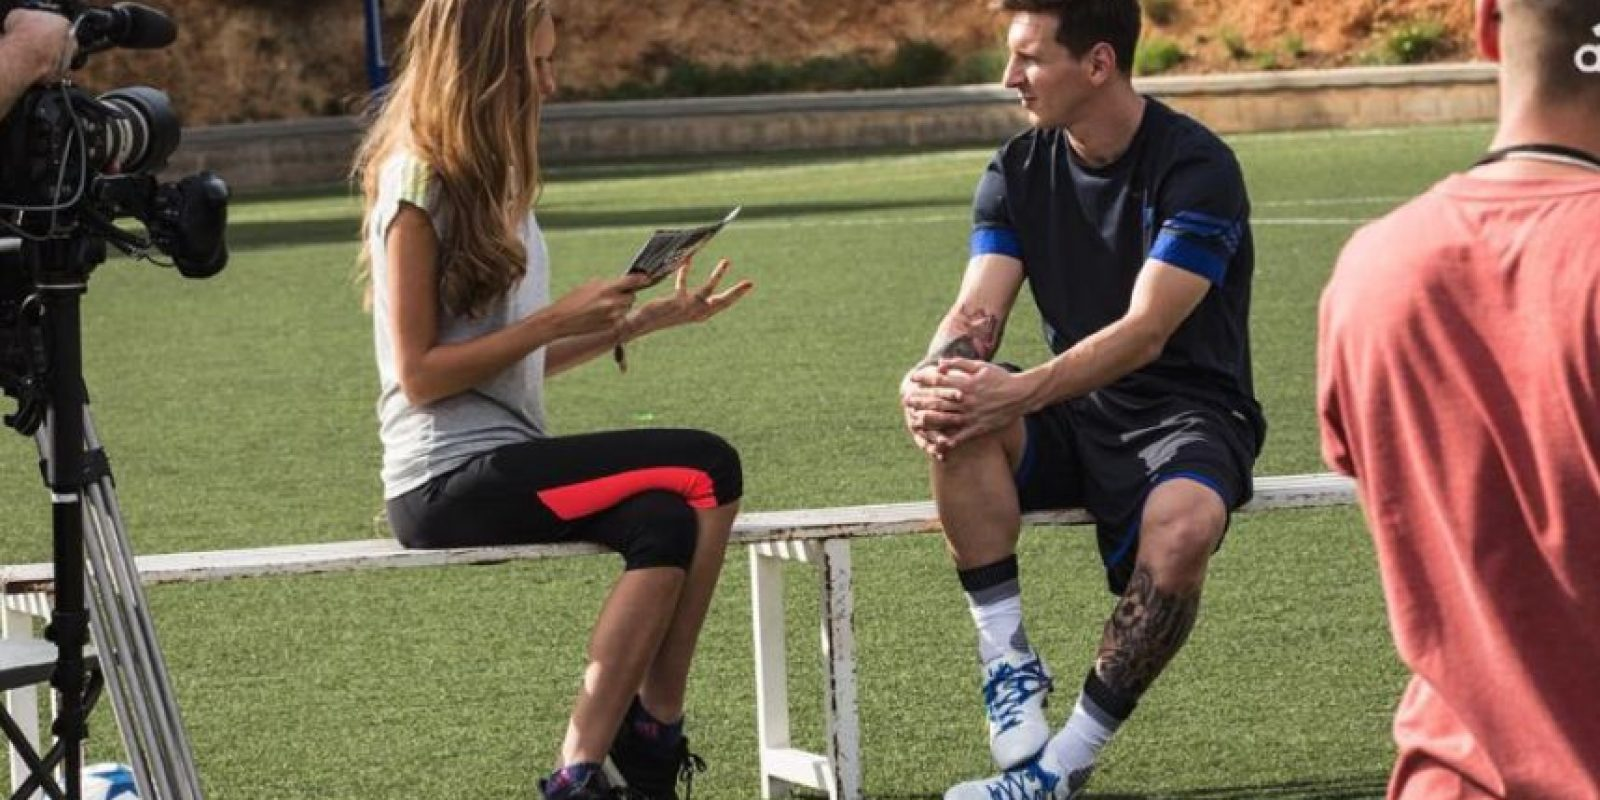 La modelo entrevistó a Lionel Messi Foto:Vía instagram.com/alenagerber